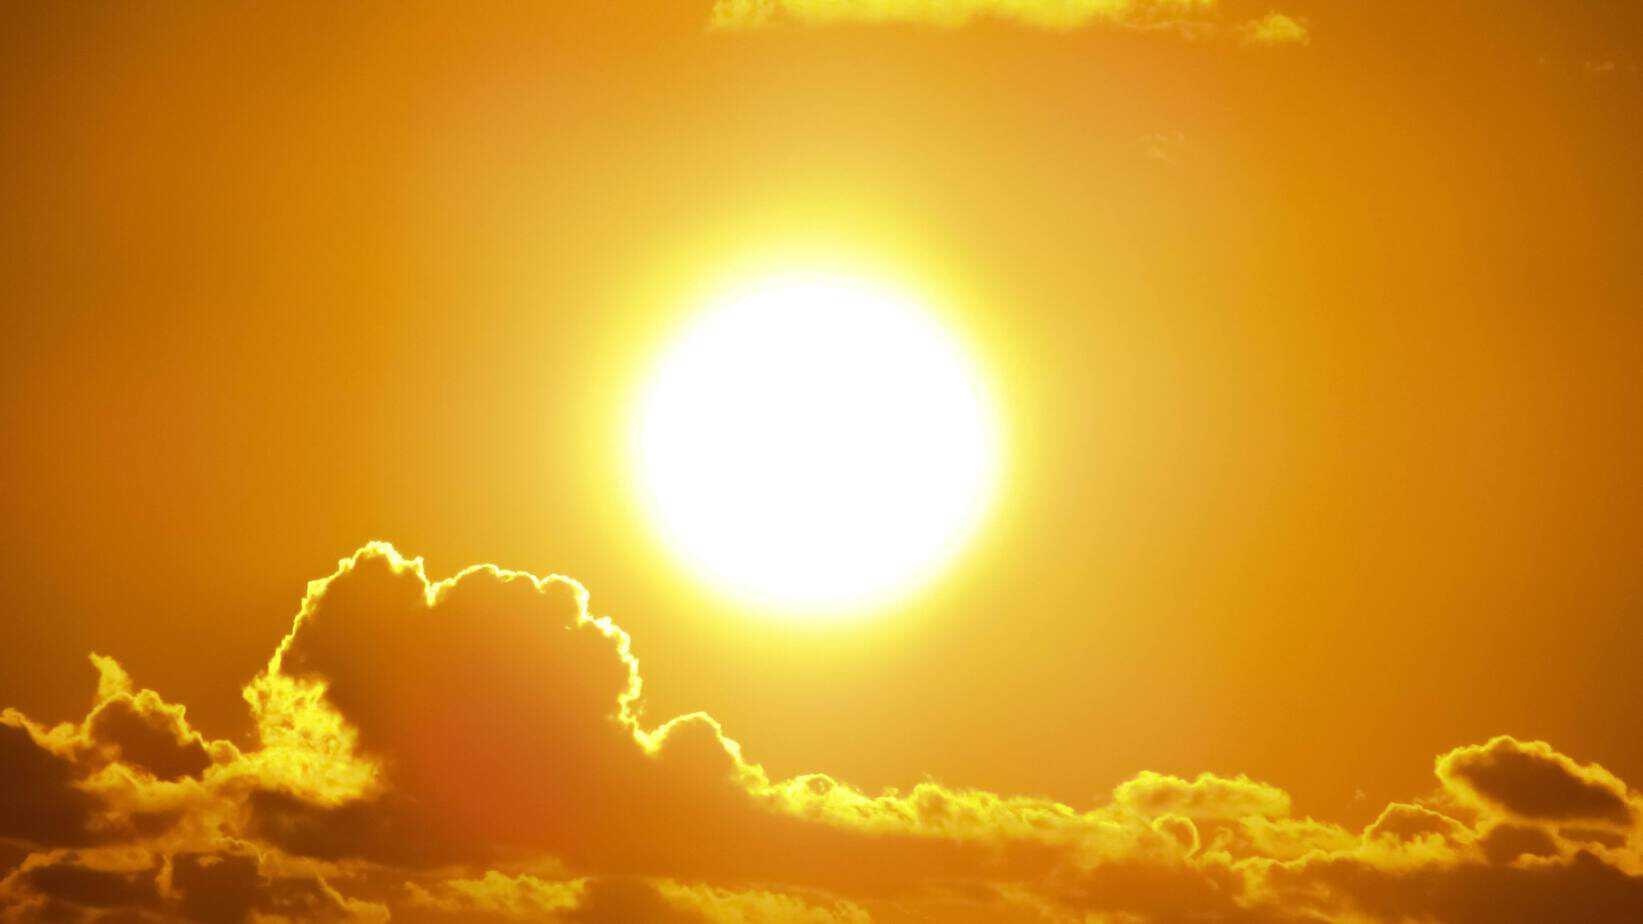 nguyên liệu chống nắng - ifree gia công mỹ phẩm